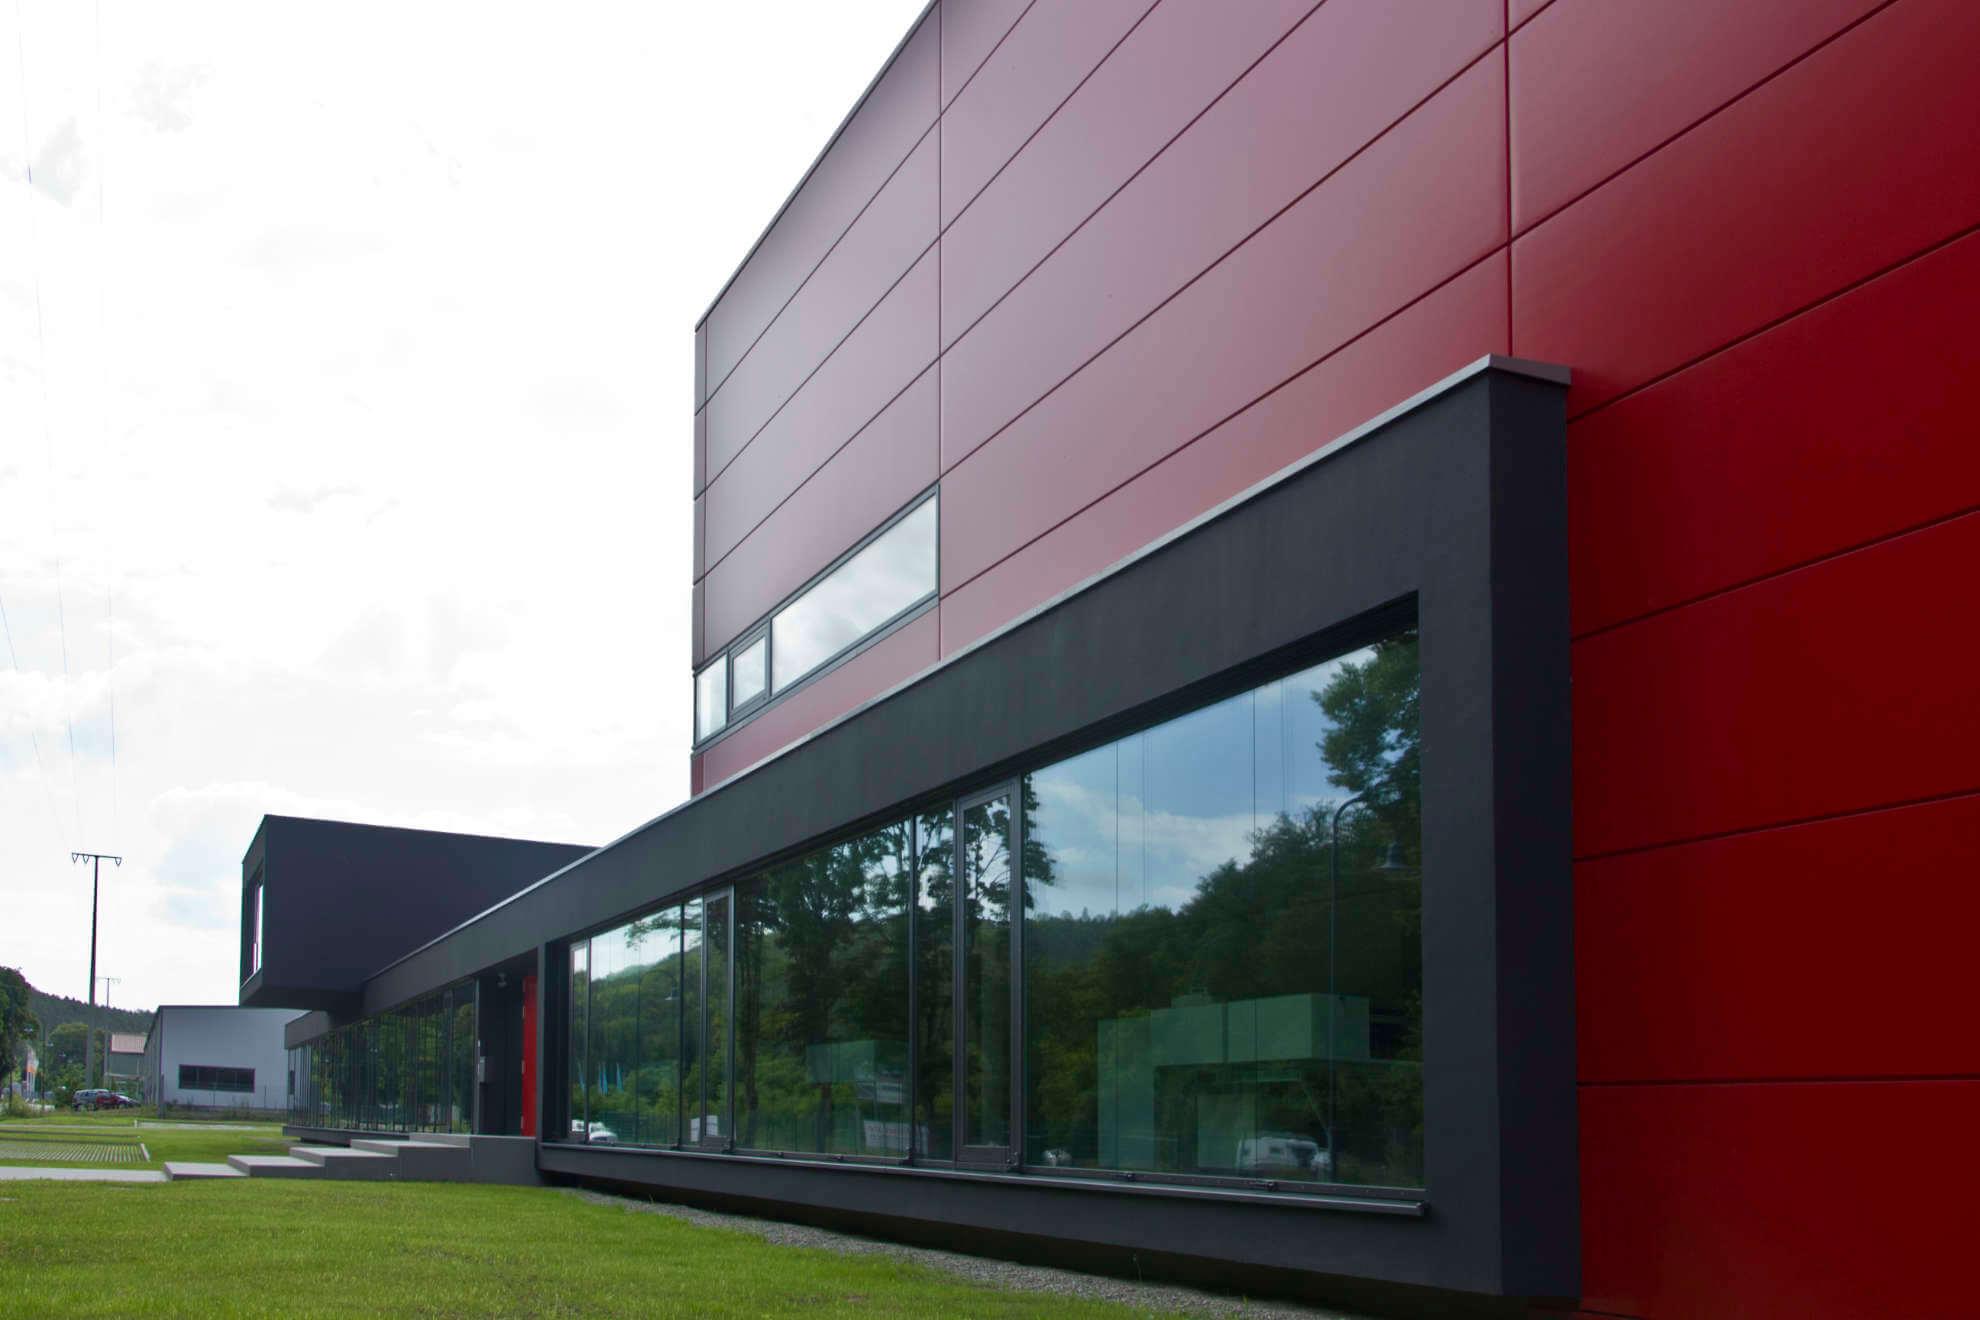 smz-a-11-marcbetz architekten